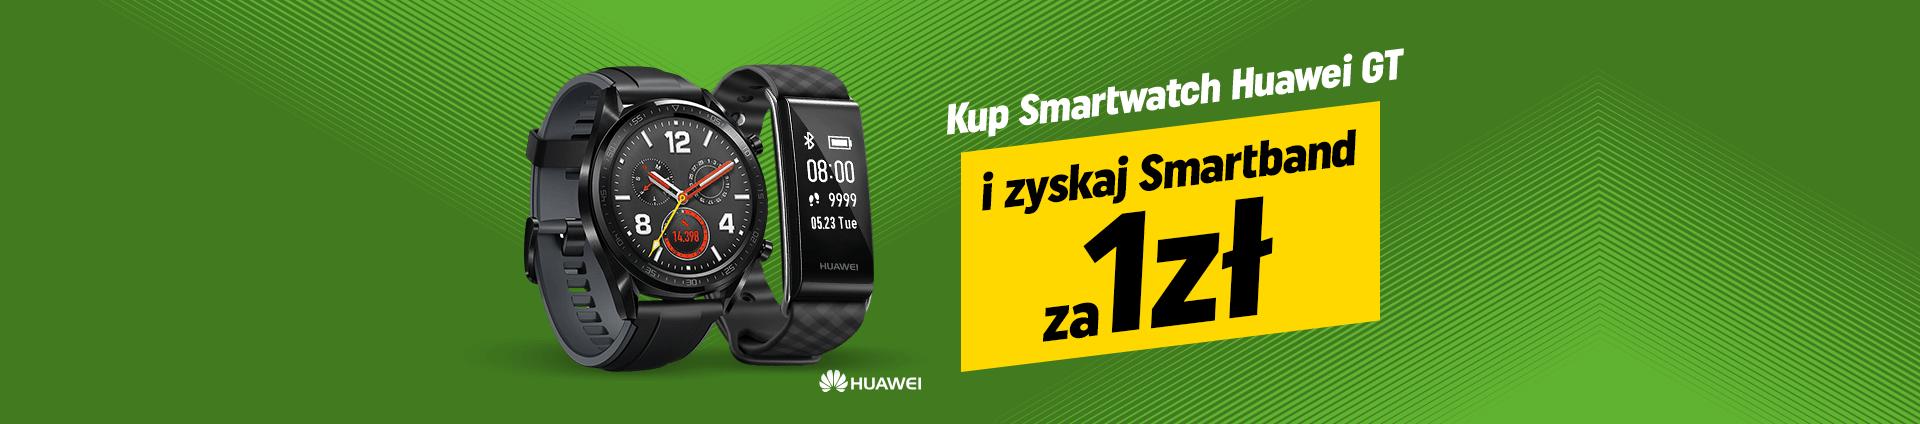 Kup smartwatch Huawei GT i zyskaj smartband za 1zł.